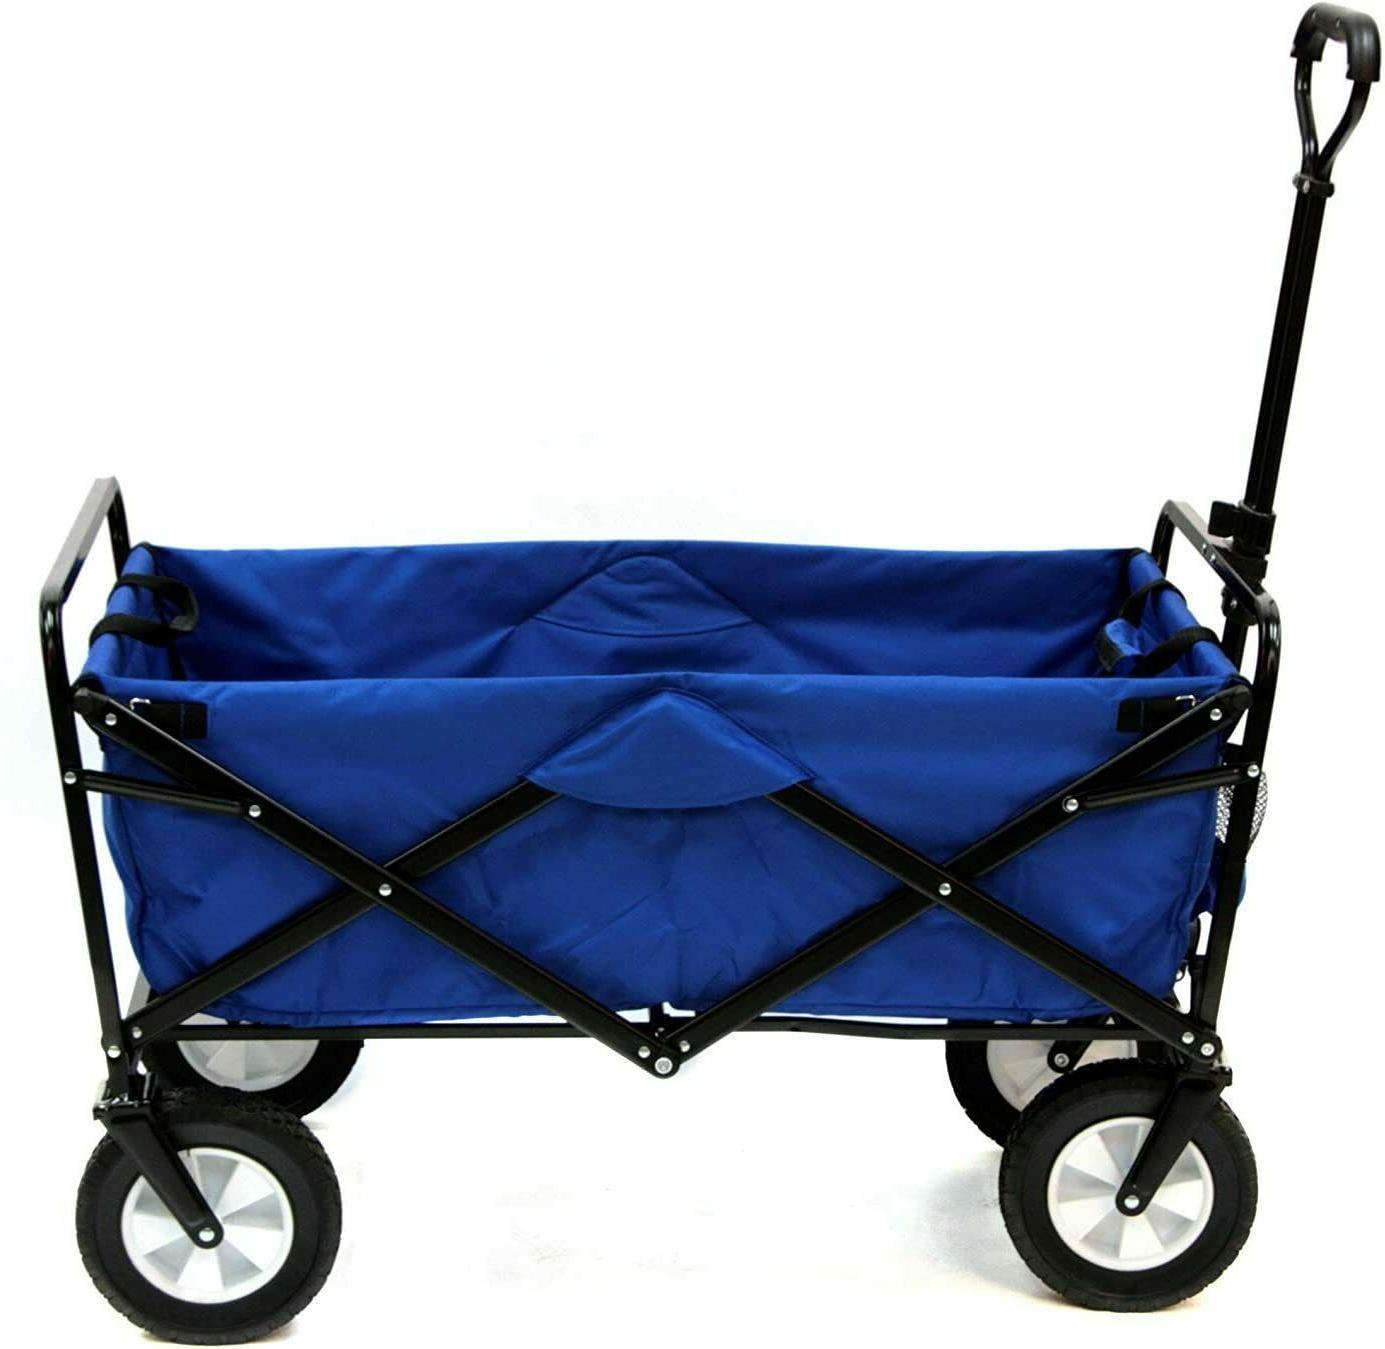 garden carts collapsible folding outdoor utility wagon